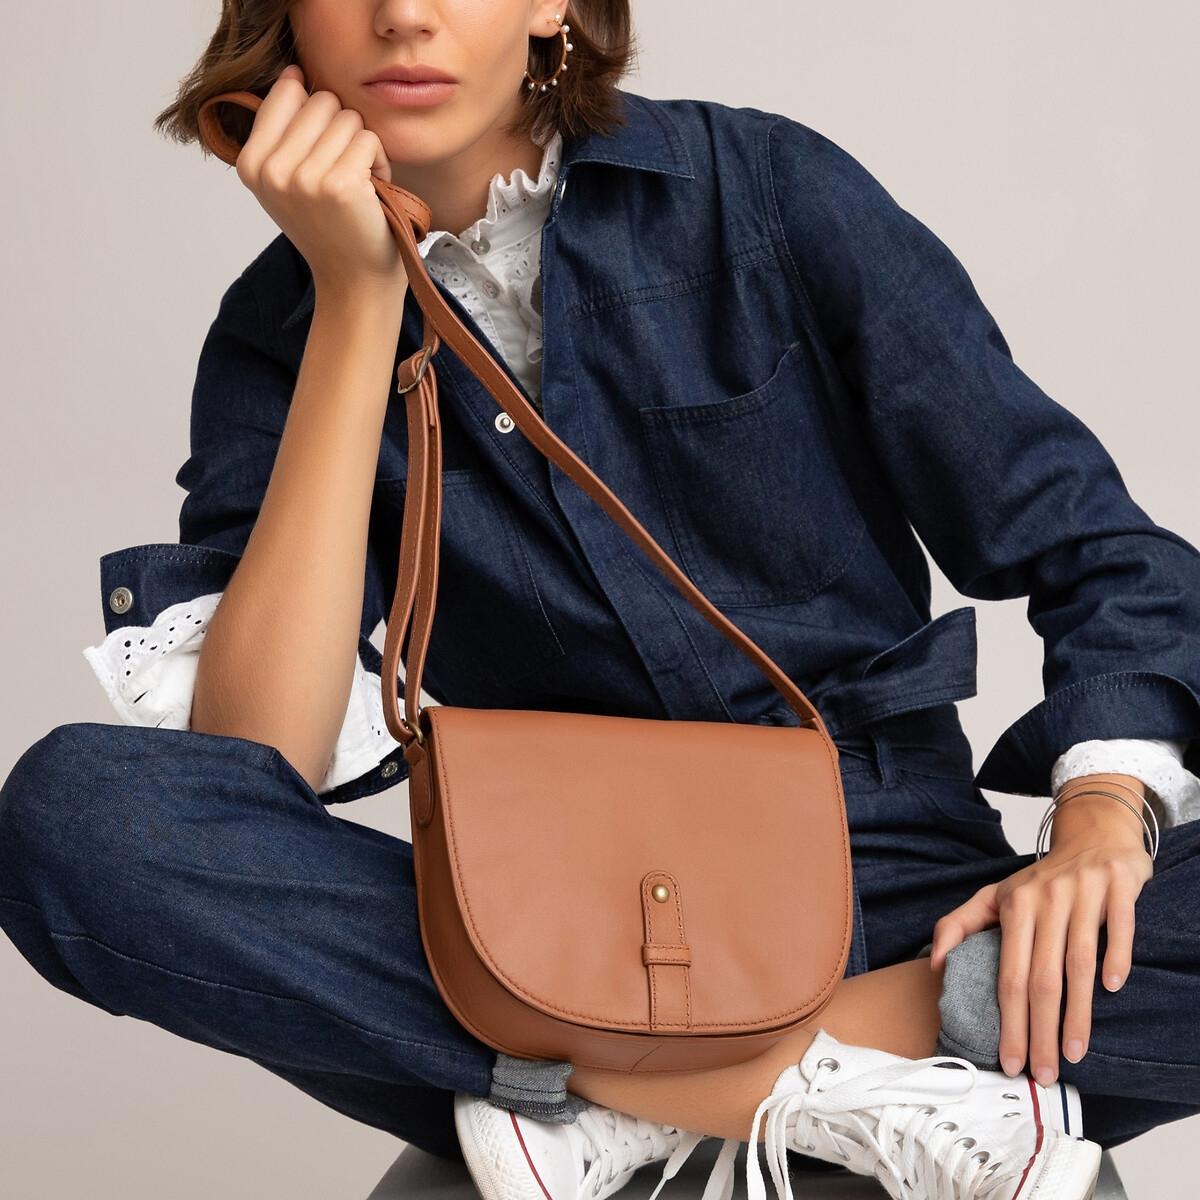 Фото - Сумка-шоппер LaRedoute Маленькая из кожи единый размер каштановый 12storeez сумка рюкзак из кожи маленькая